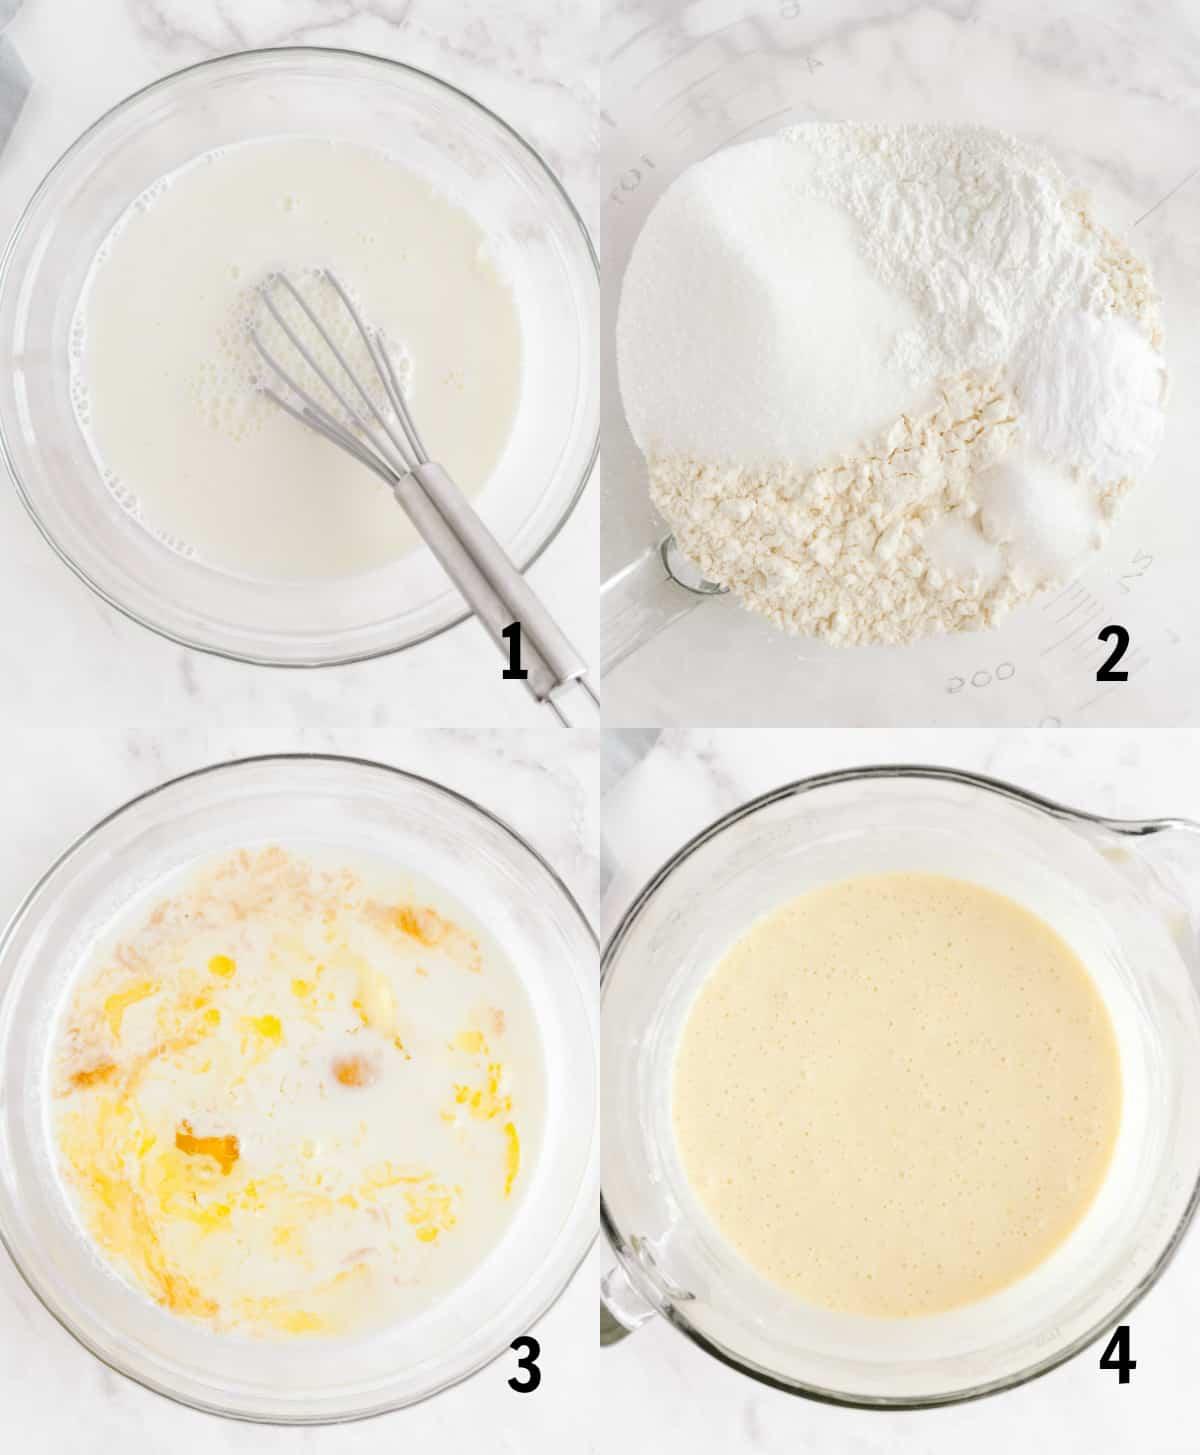 steps to mix together pancake batter